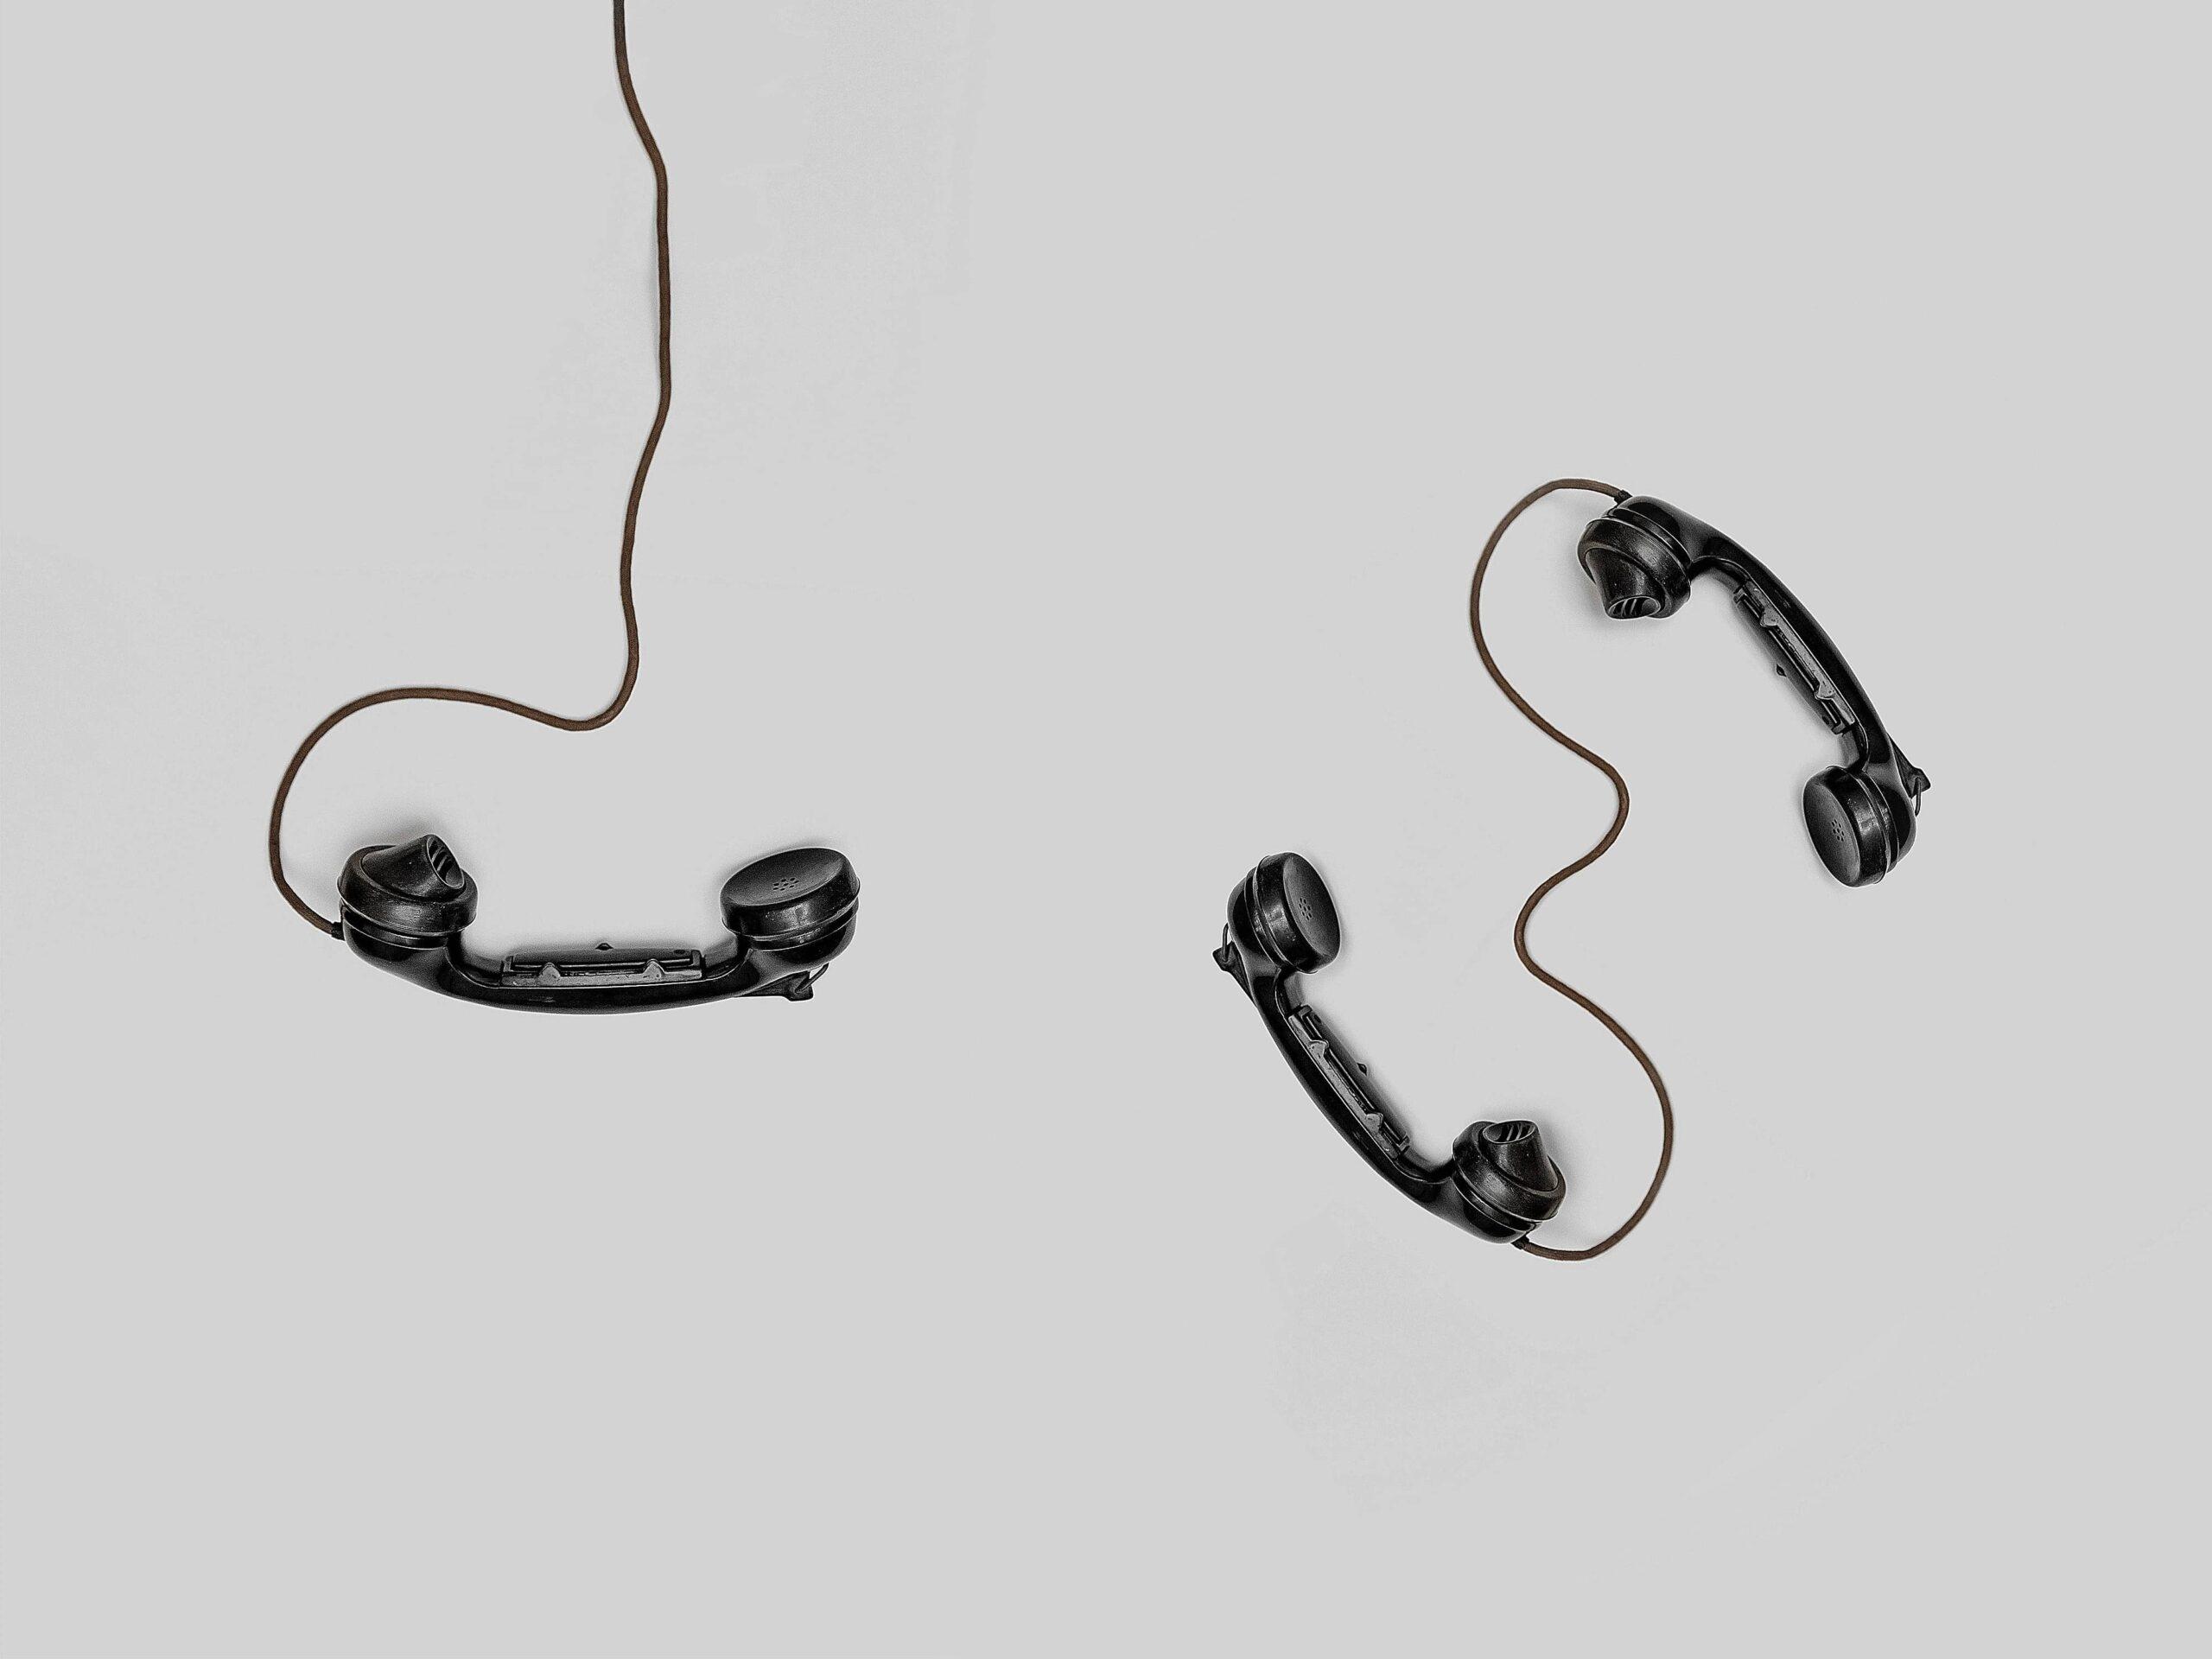 Verifiche telefoniche presso il datore di lavoro